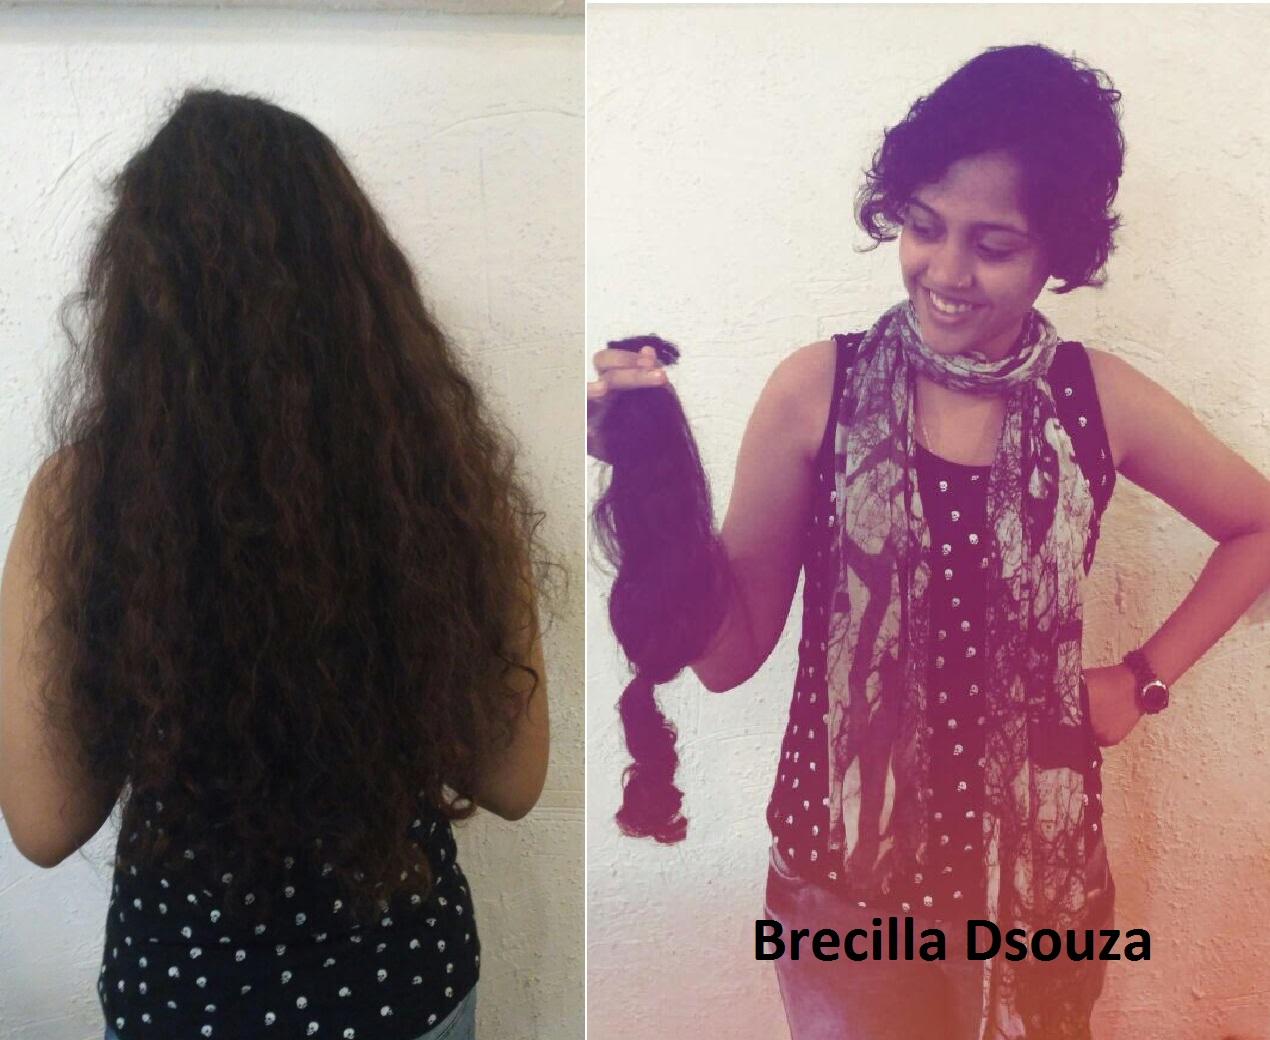 Brecilla Dsouza